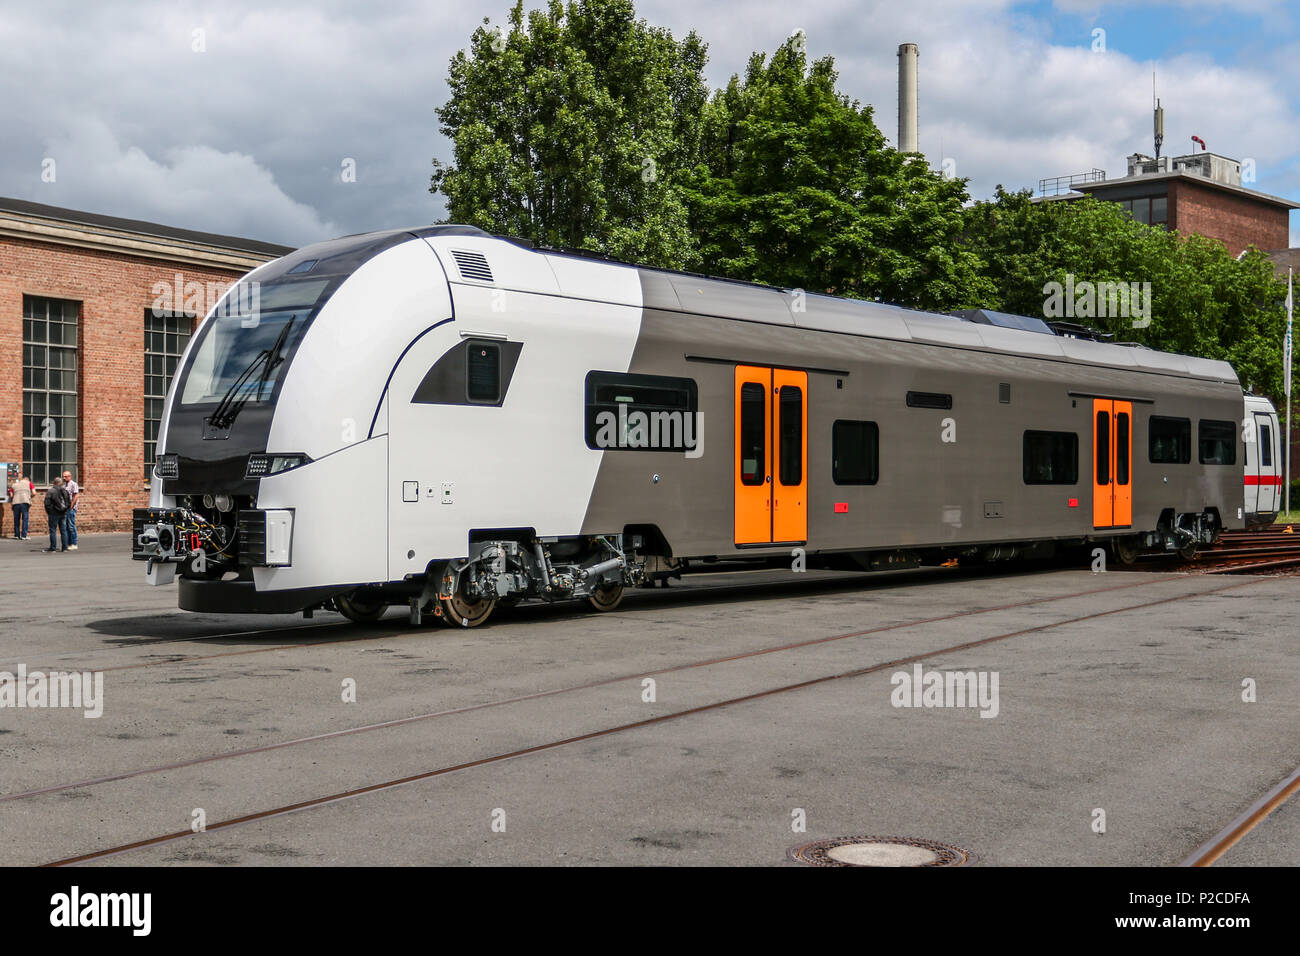 Derzeit entsteht im Siemens Werk Krefeld-Uerdingen die neue Generation von Fahrzeugen fuer den Nahverkehr in der Rhein-Ruhr-Region. Der Siemens Desiro HC ist eine Kombination aus Elektro-Triebzug und Doppelstockwagen. Stock Photo